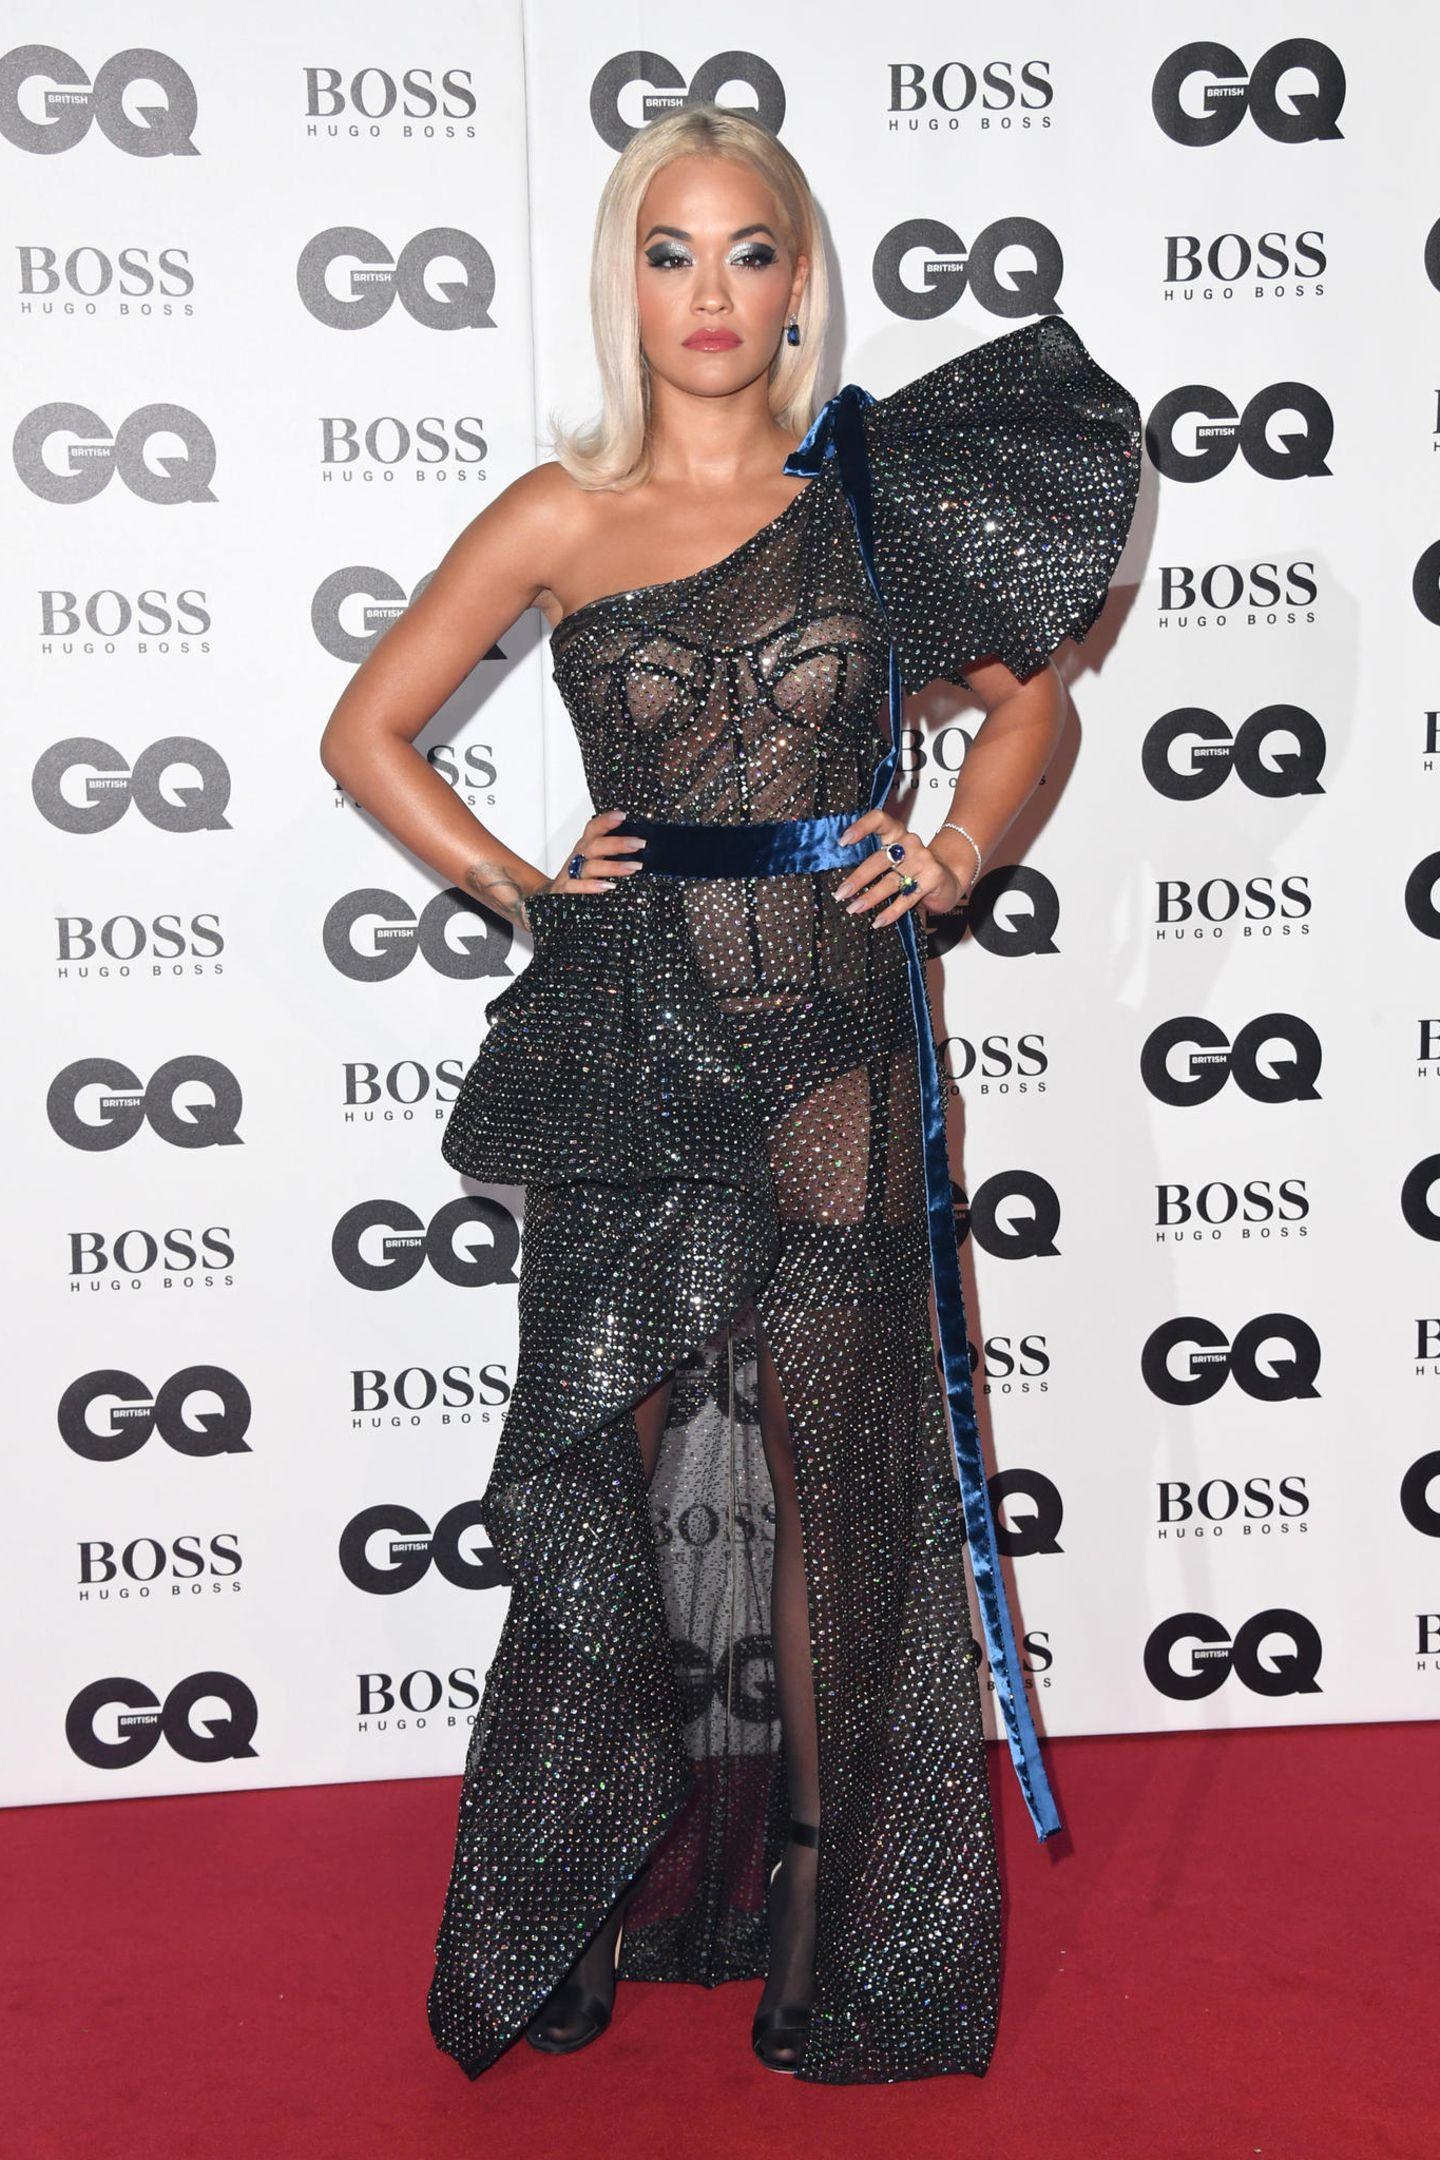 Rita Ora erscheint zu den GQ Awards in London in einem heißen, doch sehr freizügigen Kleid und ist damit Gesprächsthema Nummer eins. Das auffällige Volantkleid der Designer Ralph & Russo gewährt pikante Einblicke bei der Sängerin.